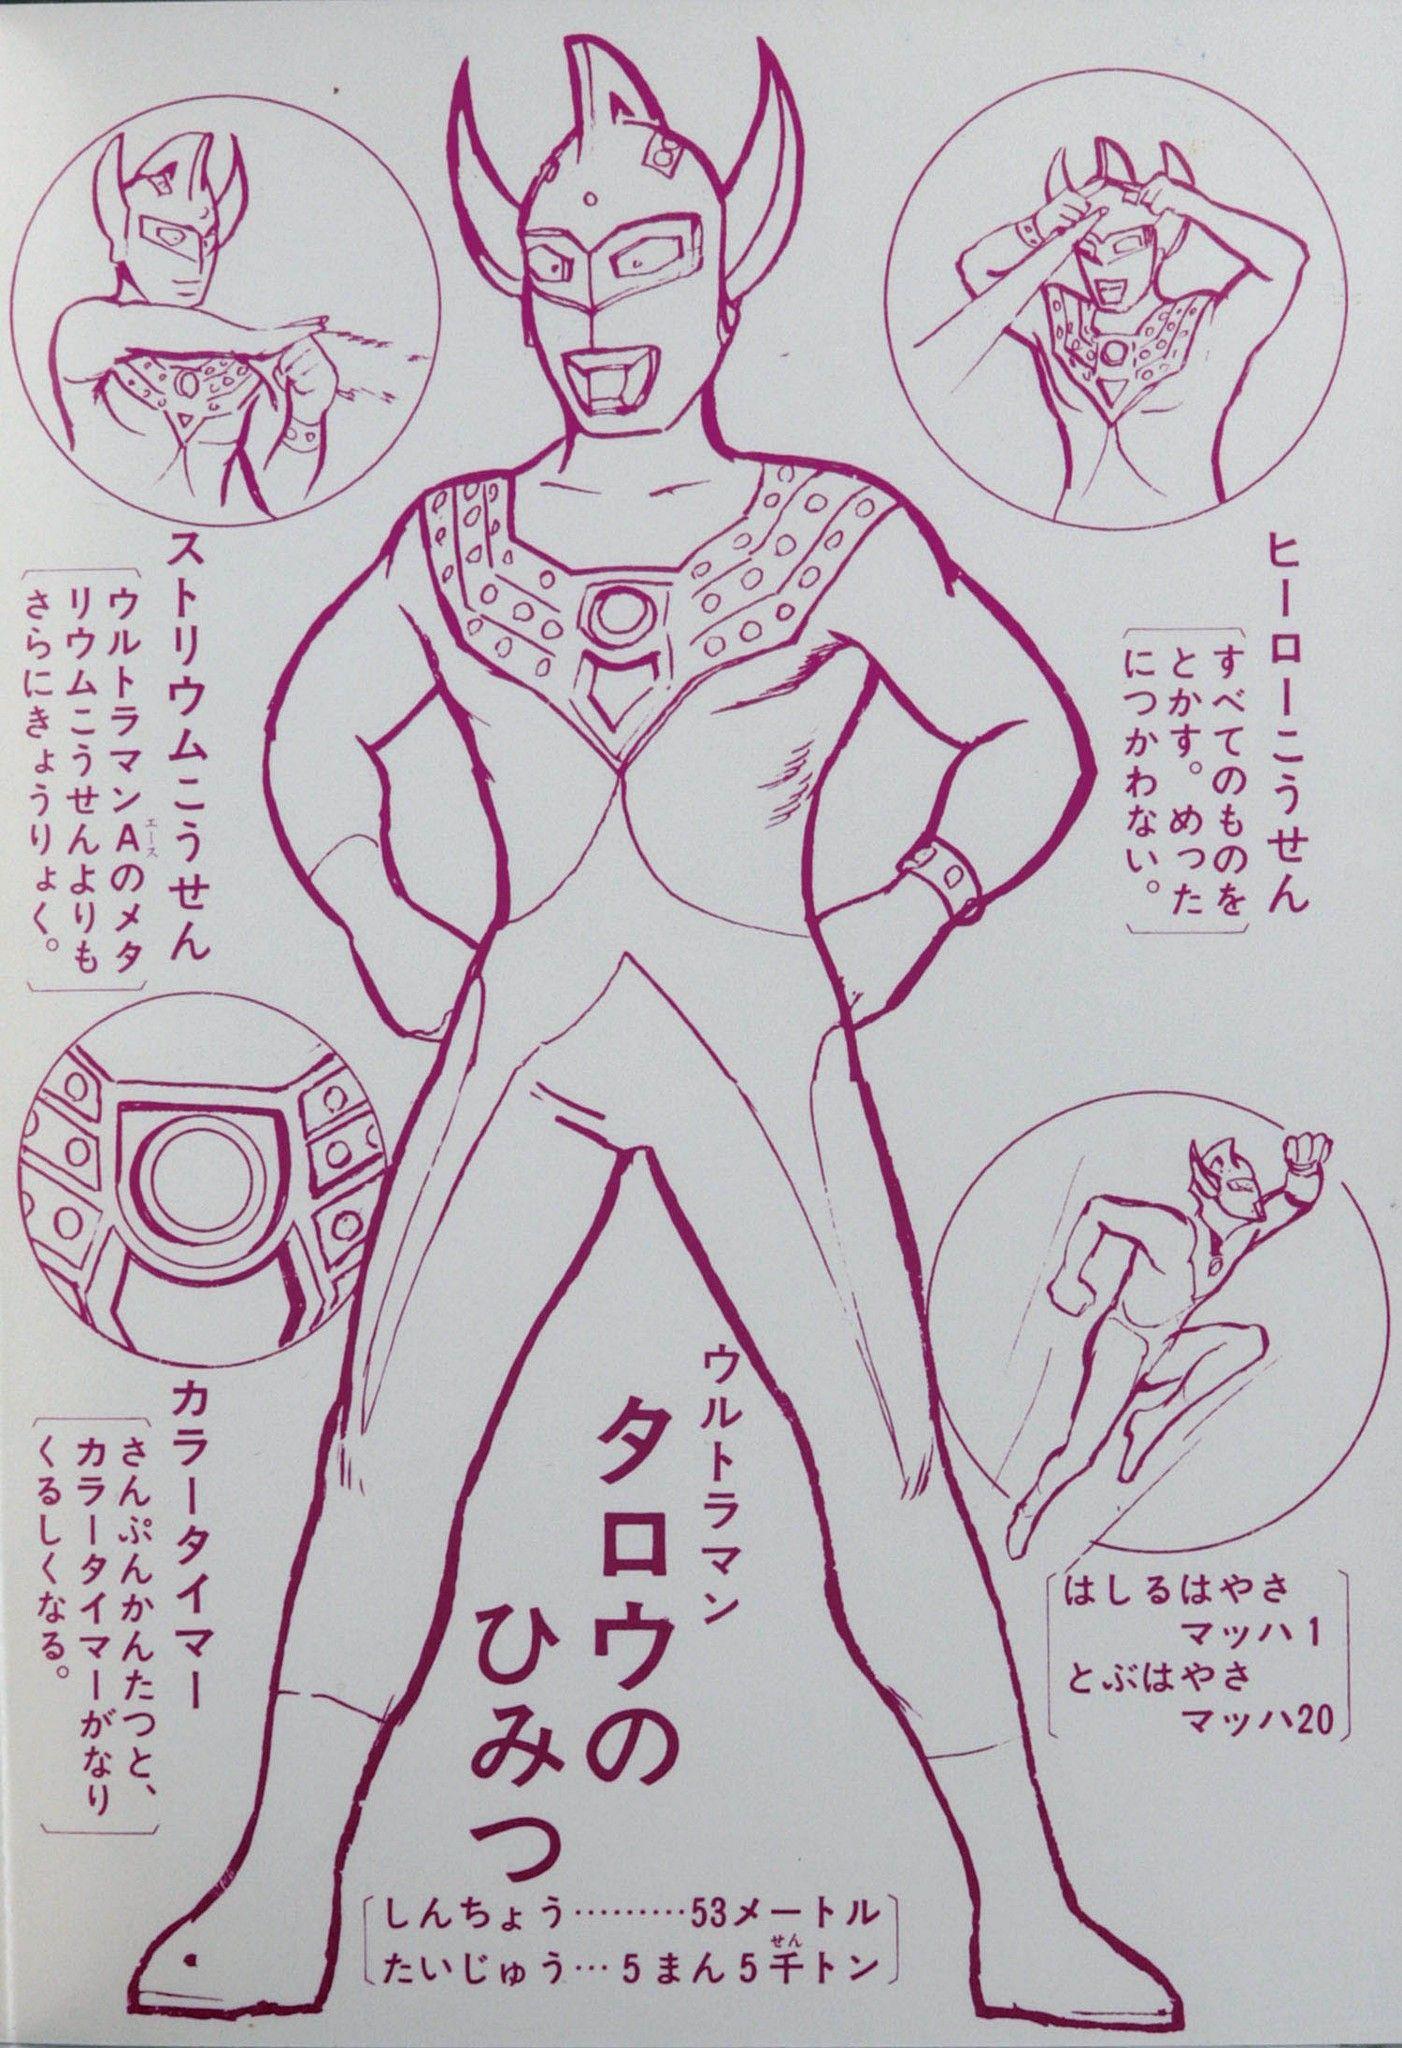 The Next Ultraman 1967 1980 おしゃれまとめの人気アイデア Pinterest Aeon Of Otaku 666 ウルトラマン ぬりえ 塗り絵 無料 無料アニメ